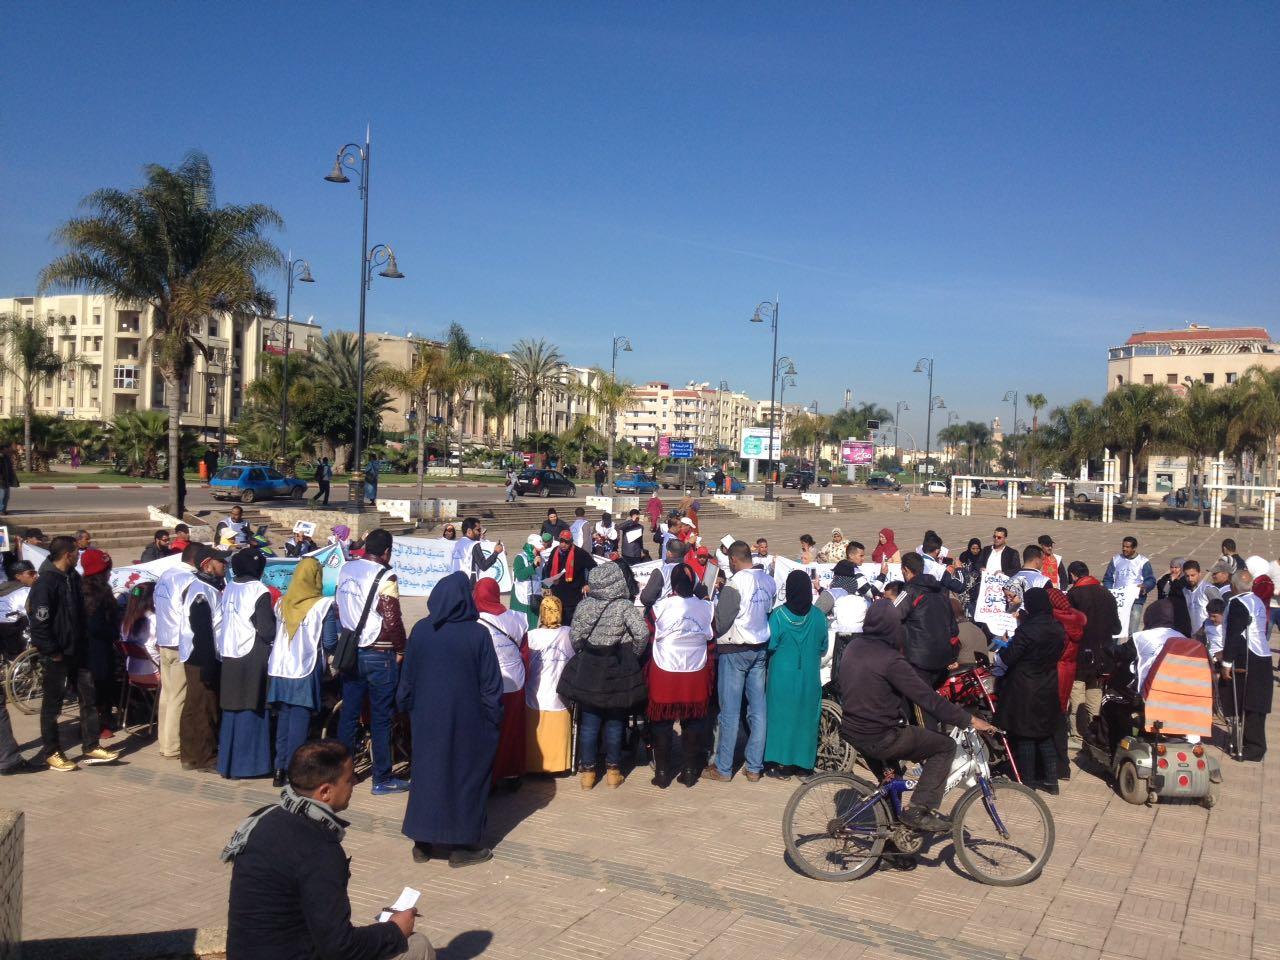 مواطنون يطالبون جماعة طنجة بإنهاء معاناتهم مع قضية رخص البناء